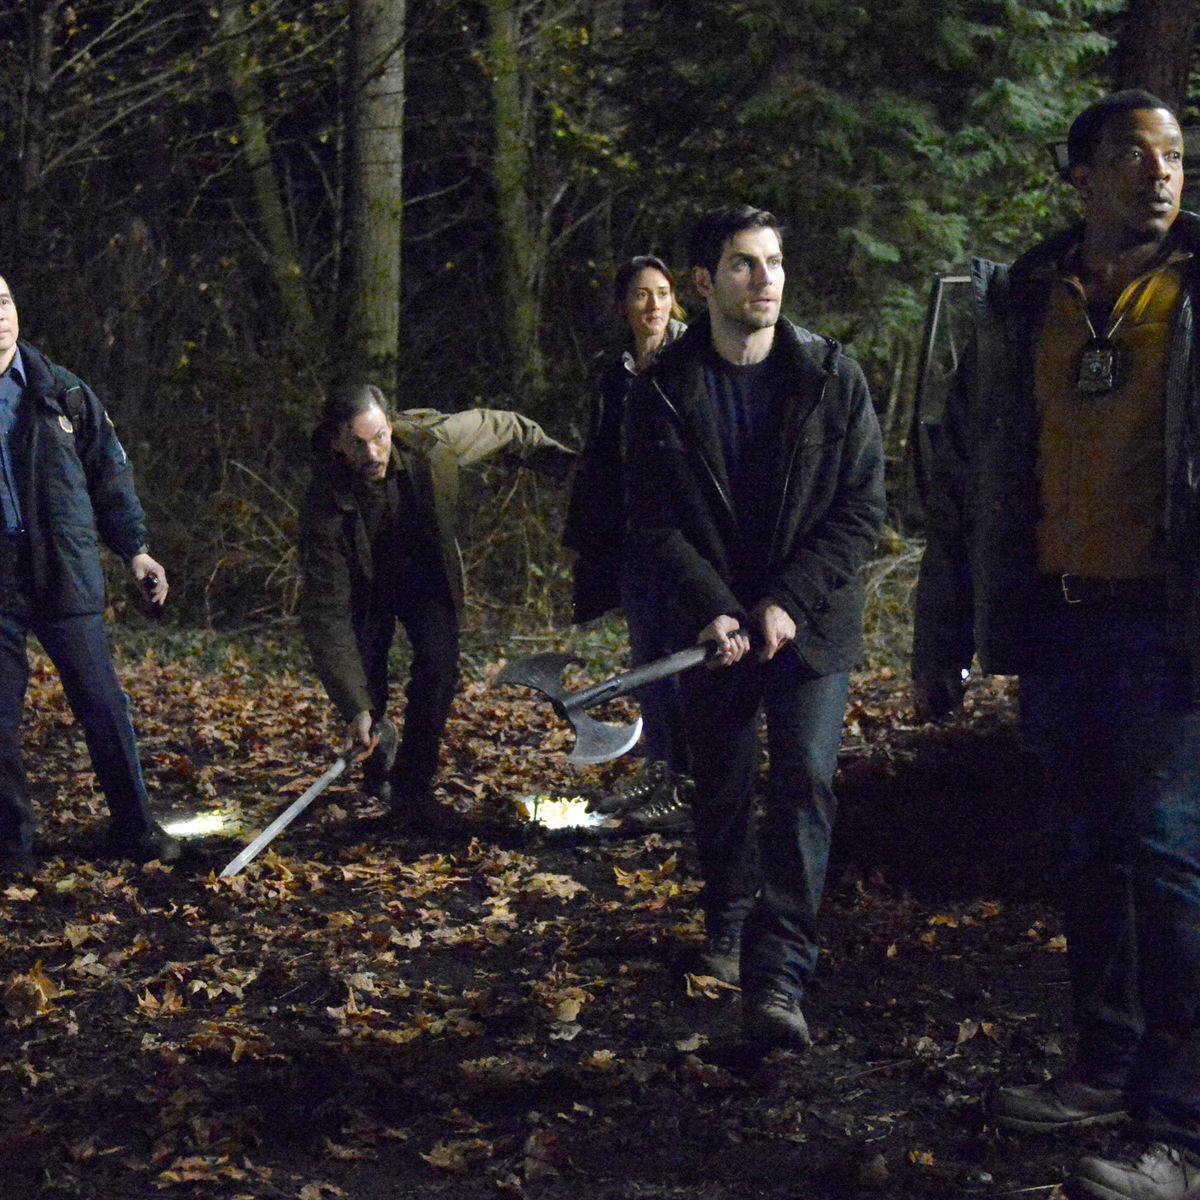 """Grimm's Episode 609 - """"Tree People"""""""